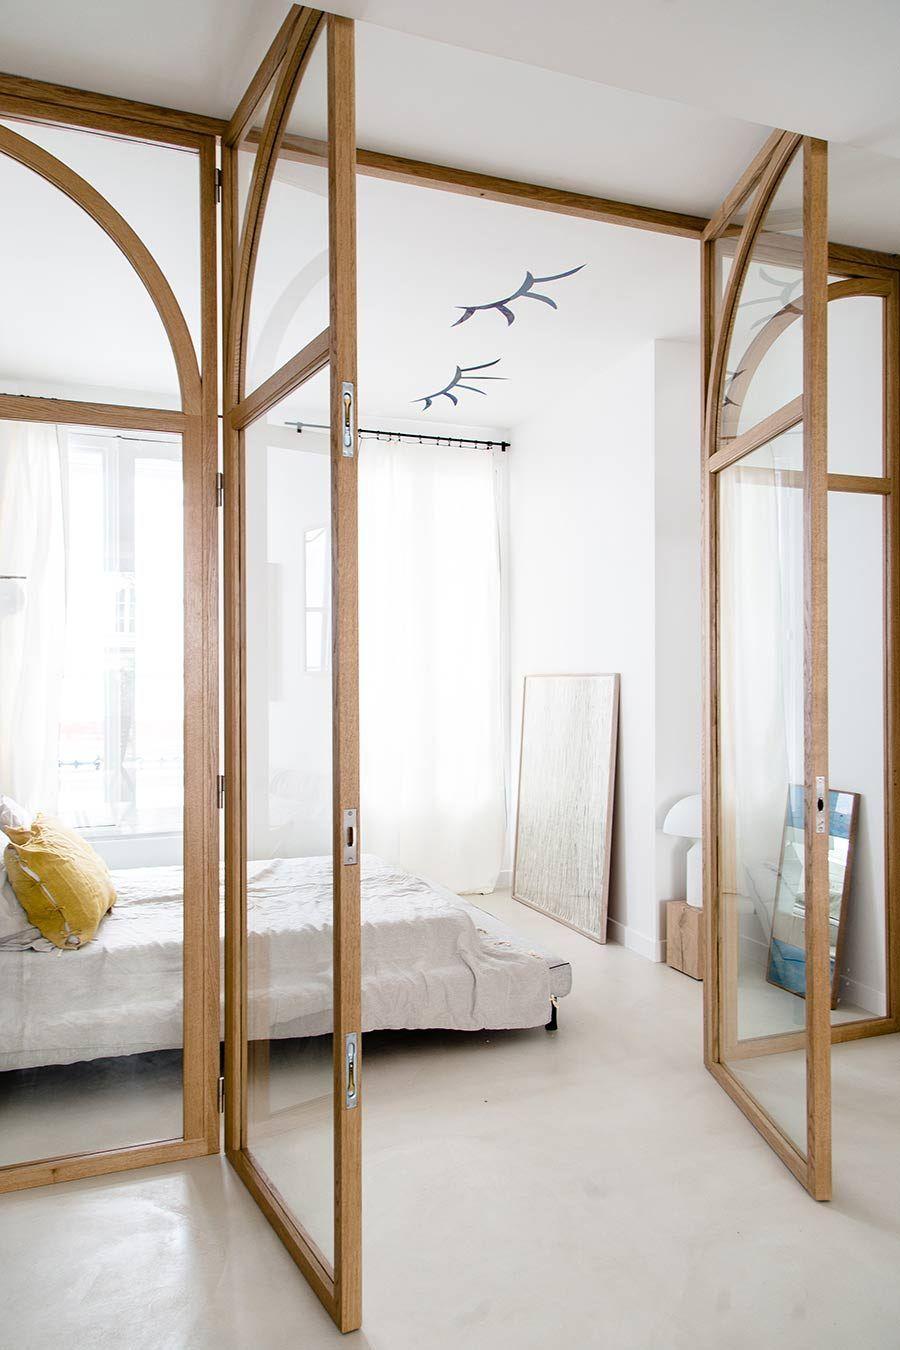 10 mẫu phòng ngủ lý tưởng với vách ngăn bằng kính với không gian còn lại trong nhà - Ảnh 4.